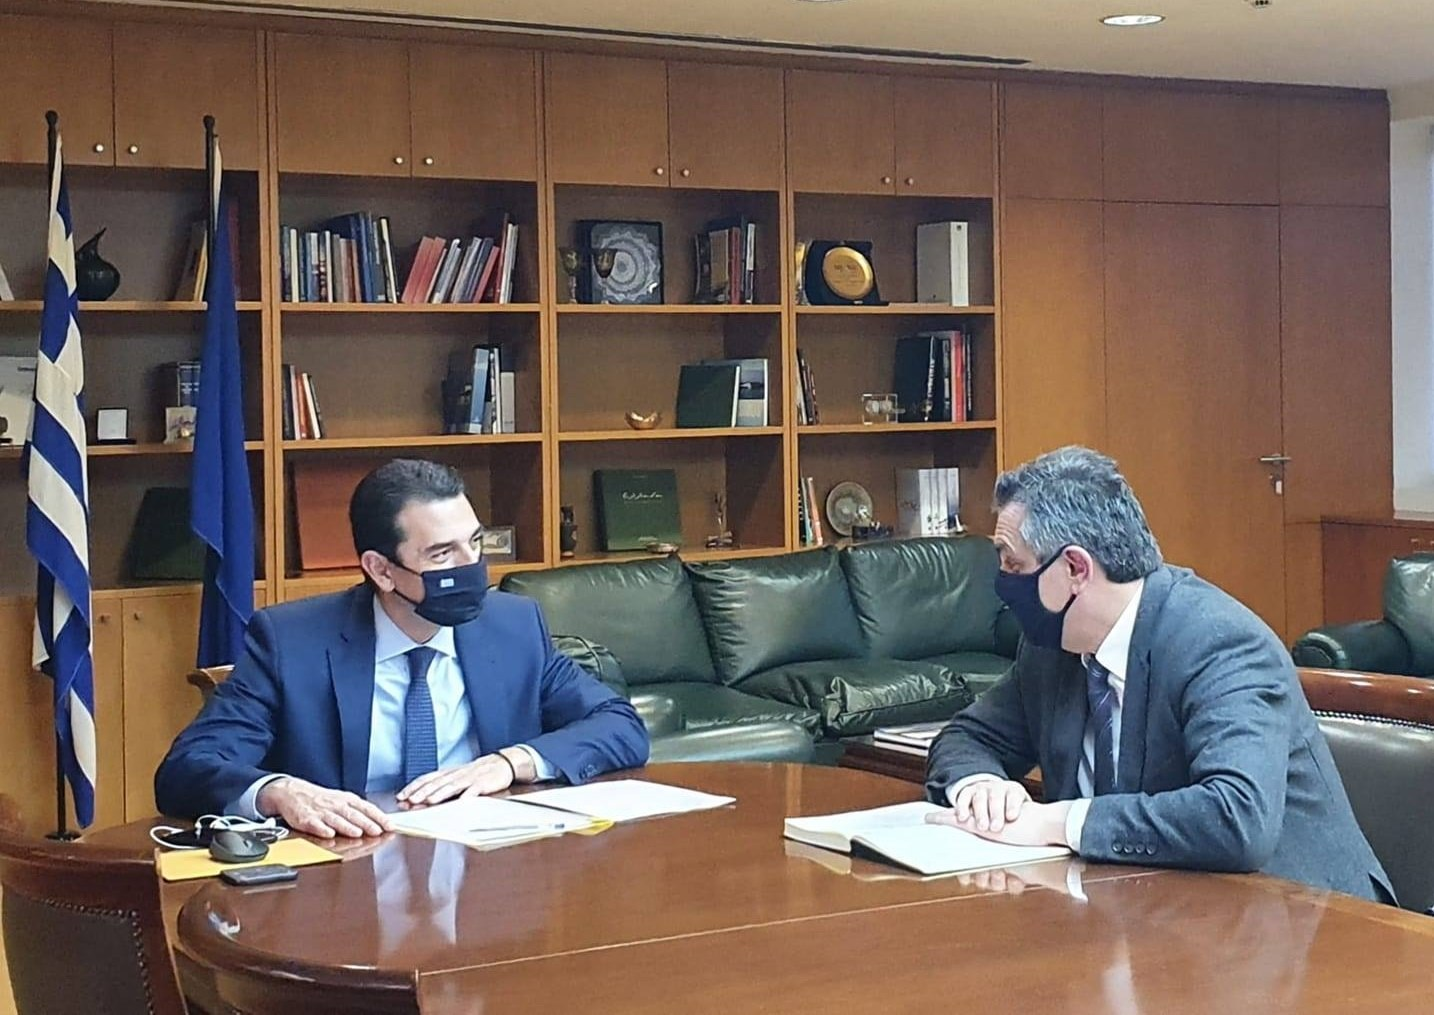 """Γ. Κασαπίδης: """"Θέματα της Δυτικής Μακεδονίας αρμοδιότητας του Υπουργείου Περιβάλλοντος και Ενέργειας είχαμε την ευκαιρία να συζητήσουμε με το νέο Υπουργό κ. Κωνσταντίνο Σκρέκα"""""""